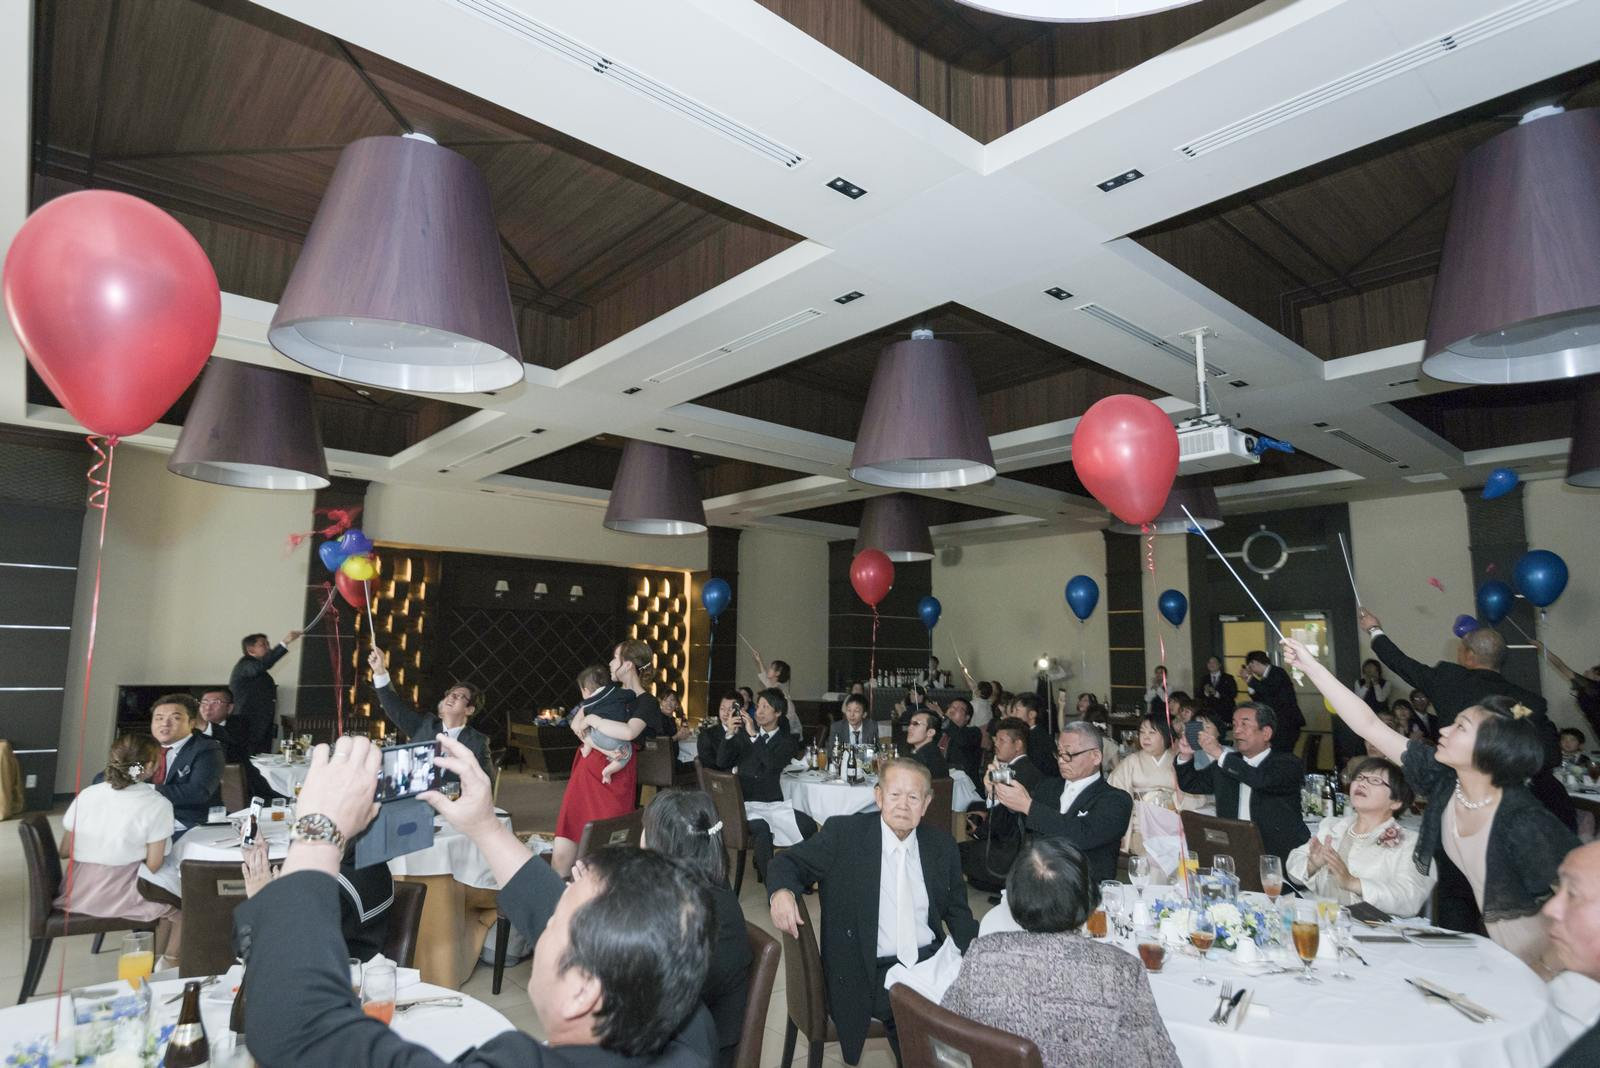 高松市の結婚式場アイルバレクラブでツアーバルーン